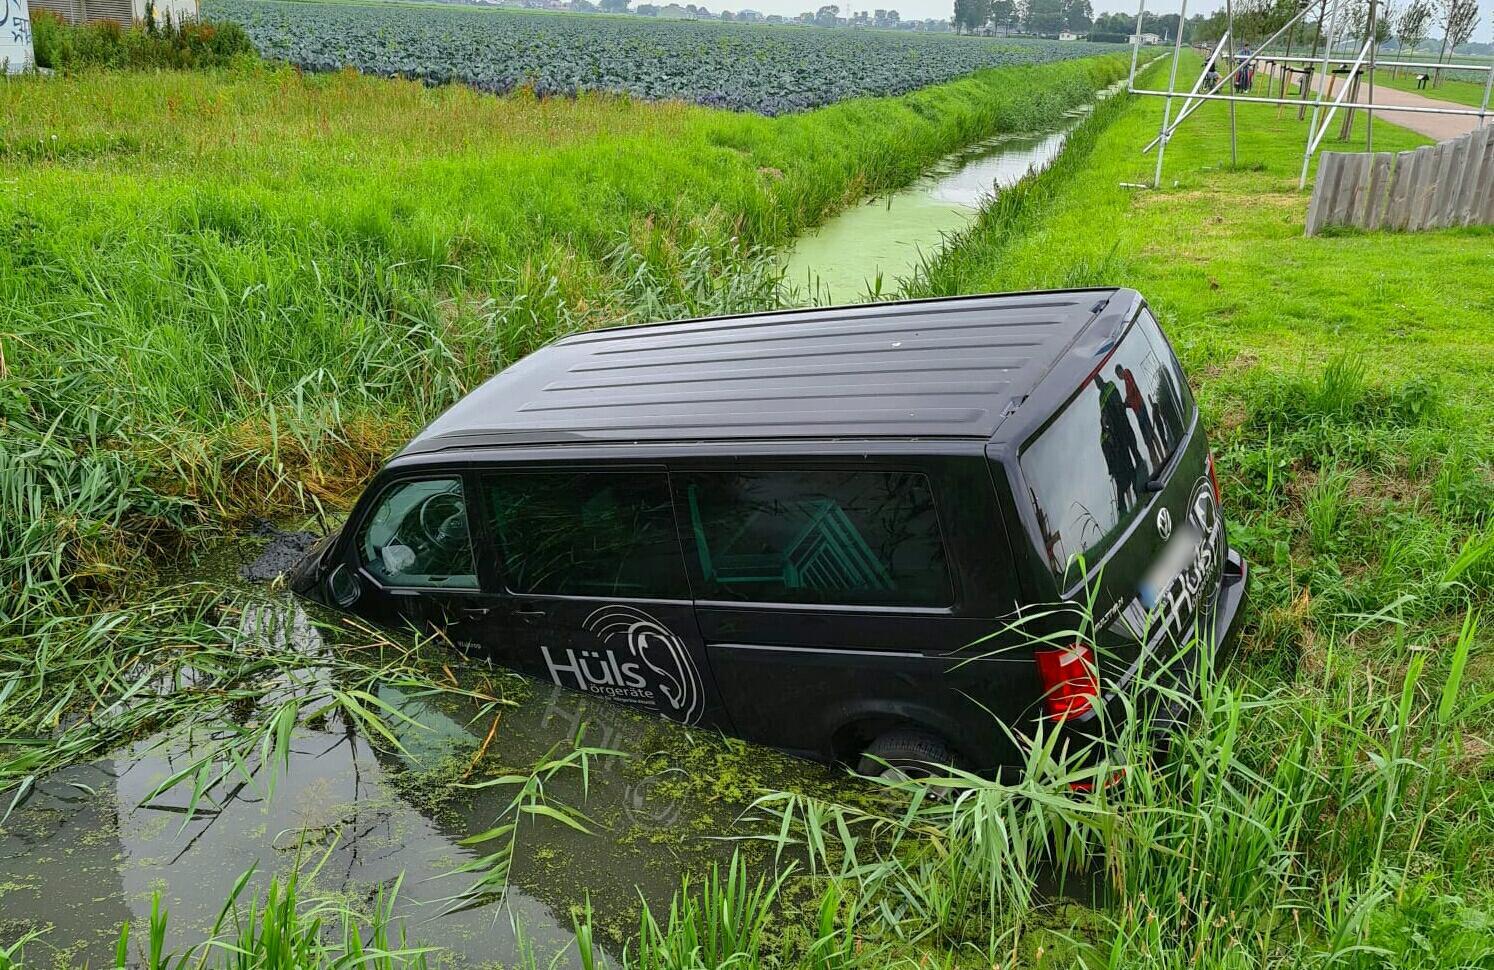 Vakantie in water gevallen: Duitser rijdt met busje sloot in bij inrit vakantiepark in Berkhout